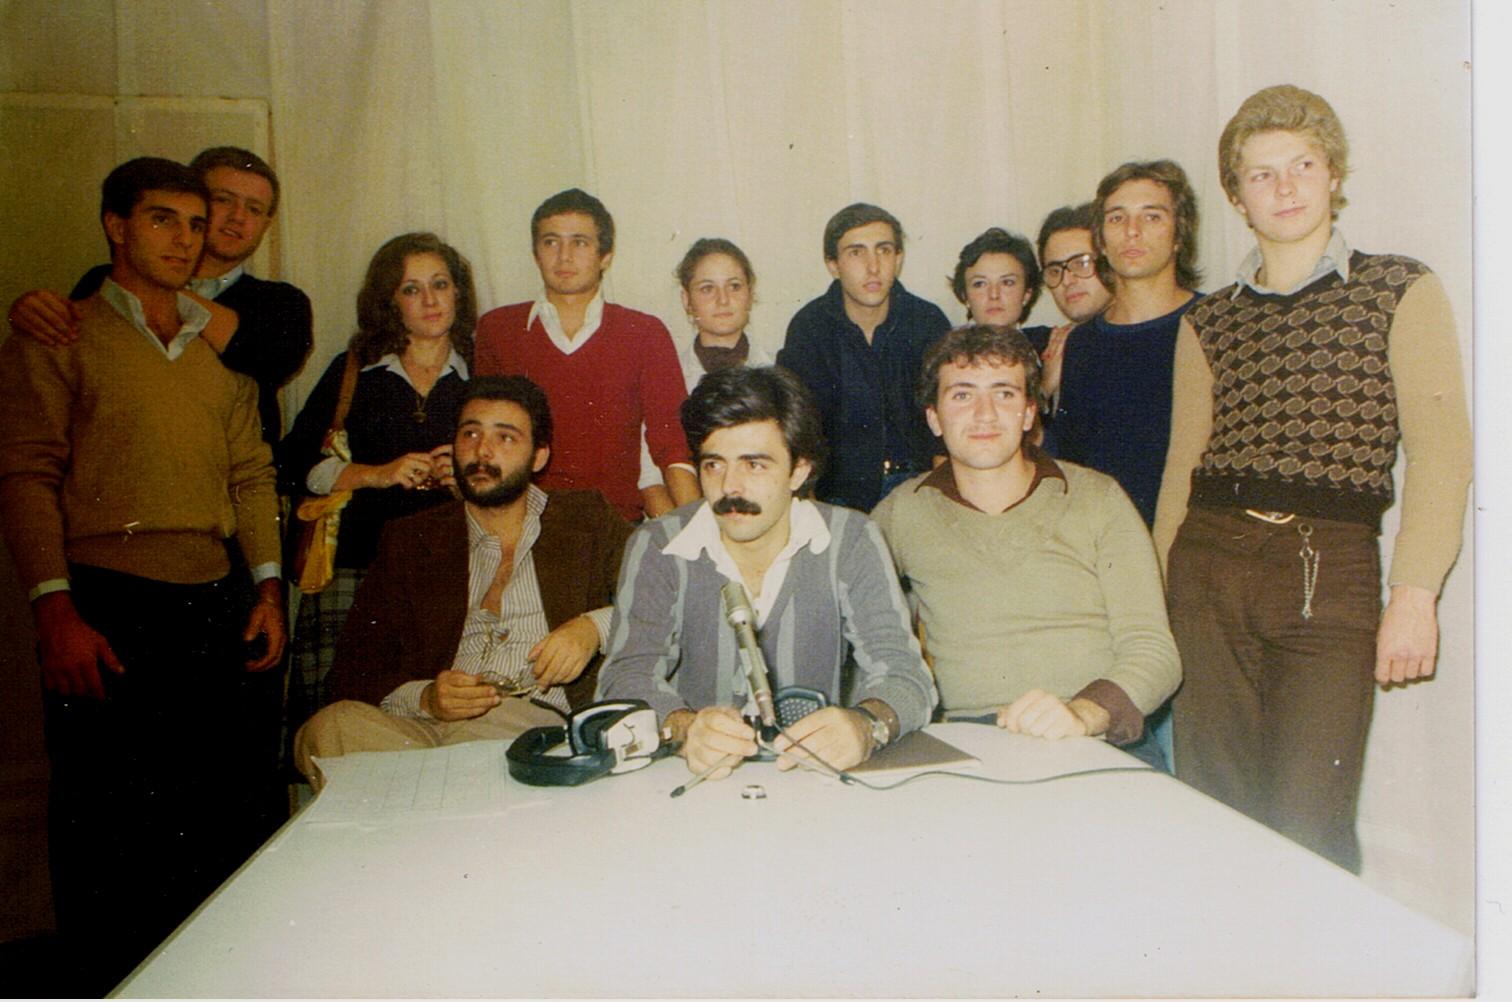 Radio Hanna gruppo - Storia della radiotelevisione italiana. Roma, Radio In: genesi di una delle prime syndication italiane